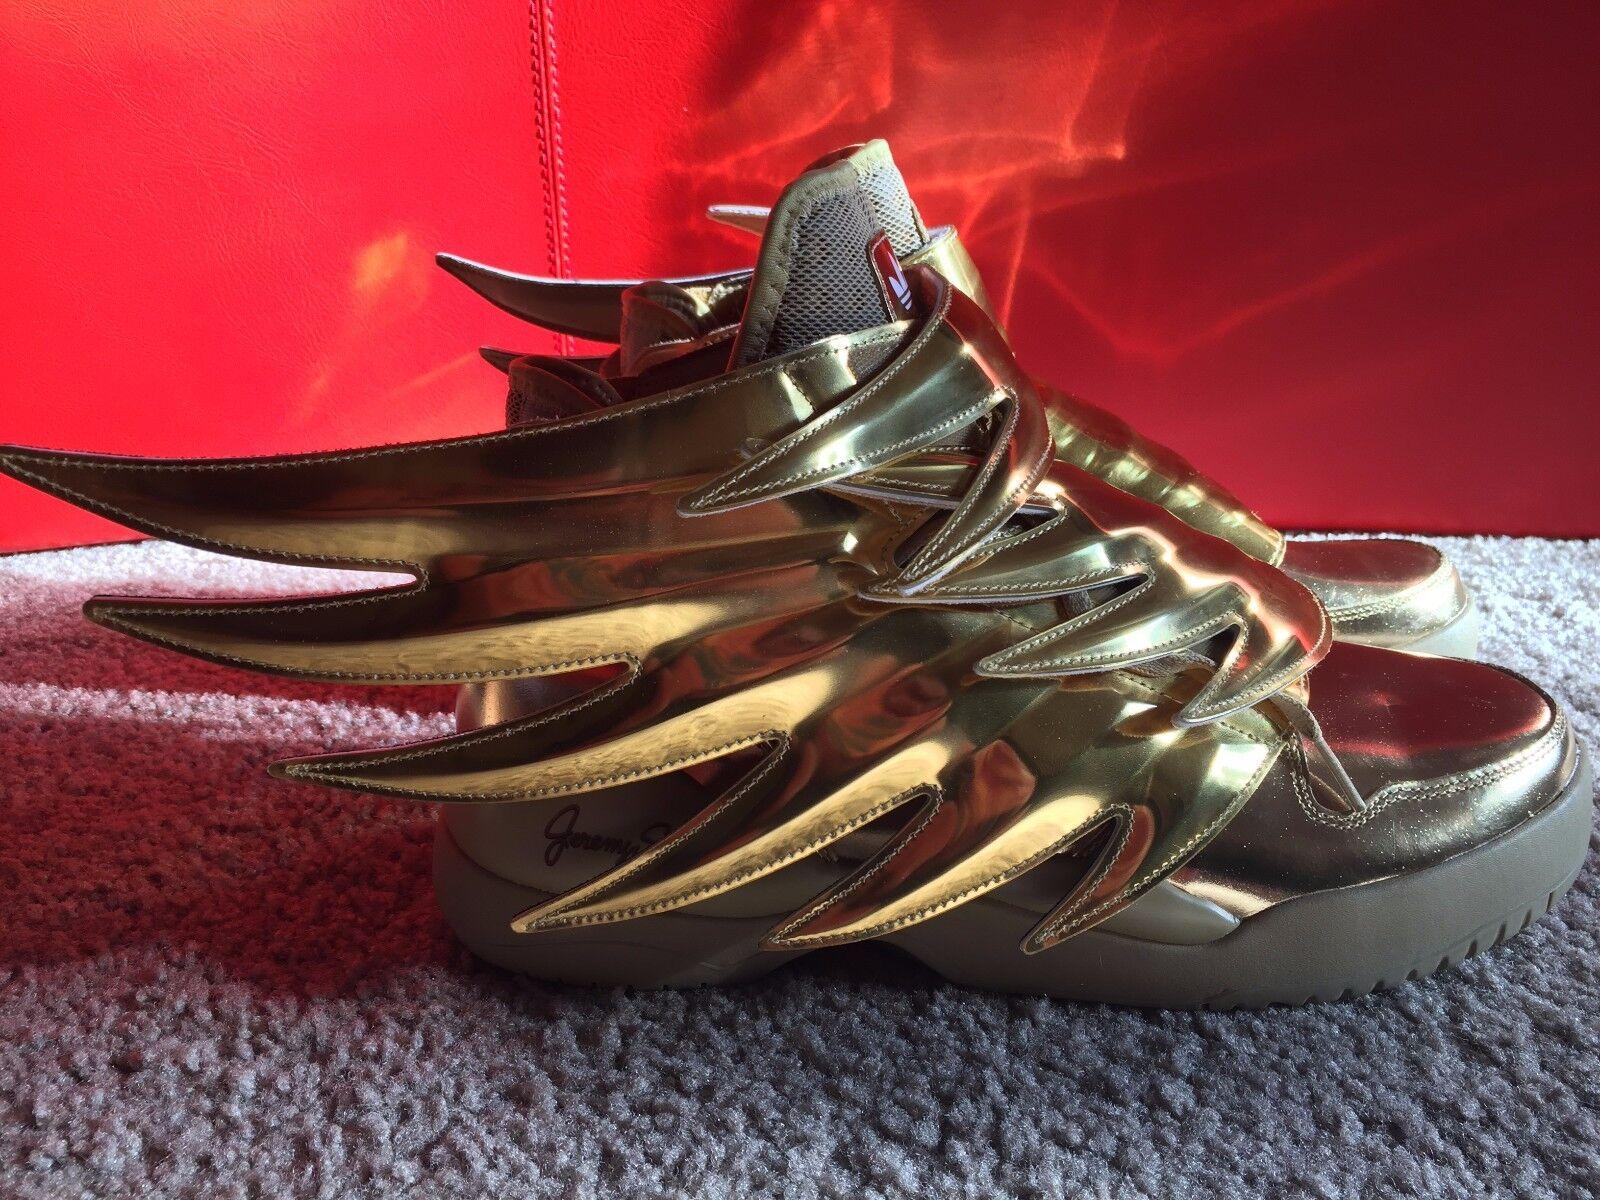 Bnib in edizione limitata di jeremy jeremy di scott x adidas ali 3.0 gold 45 rare venduto 6edfa2